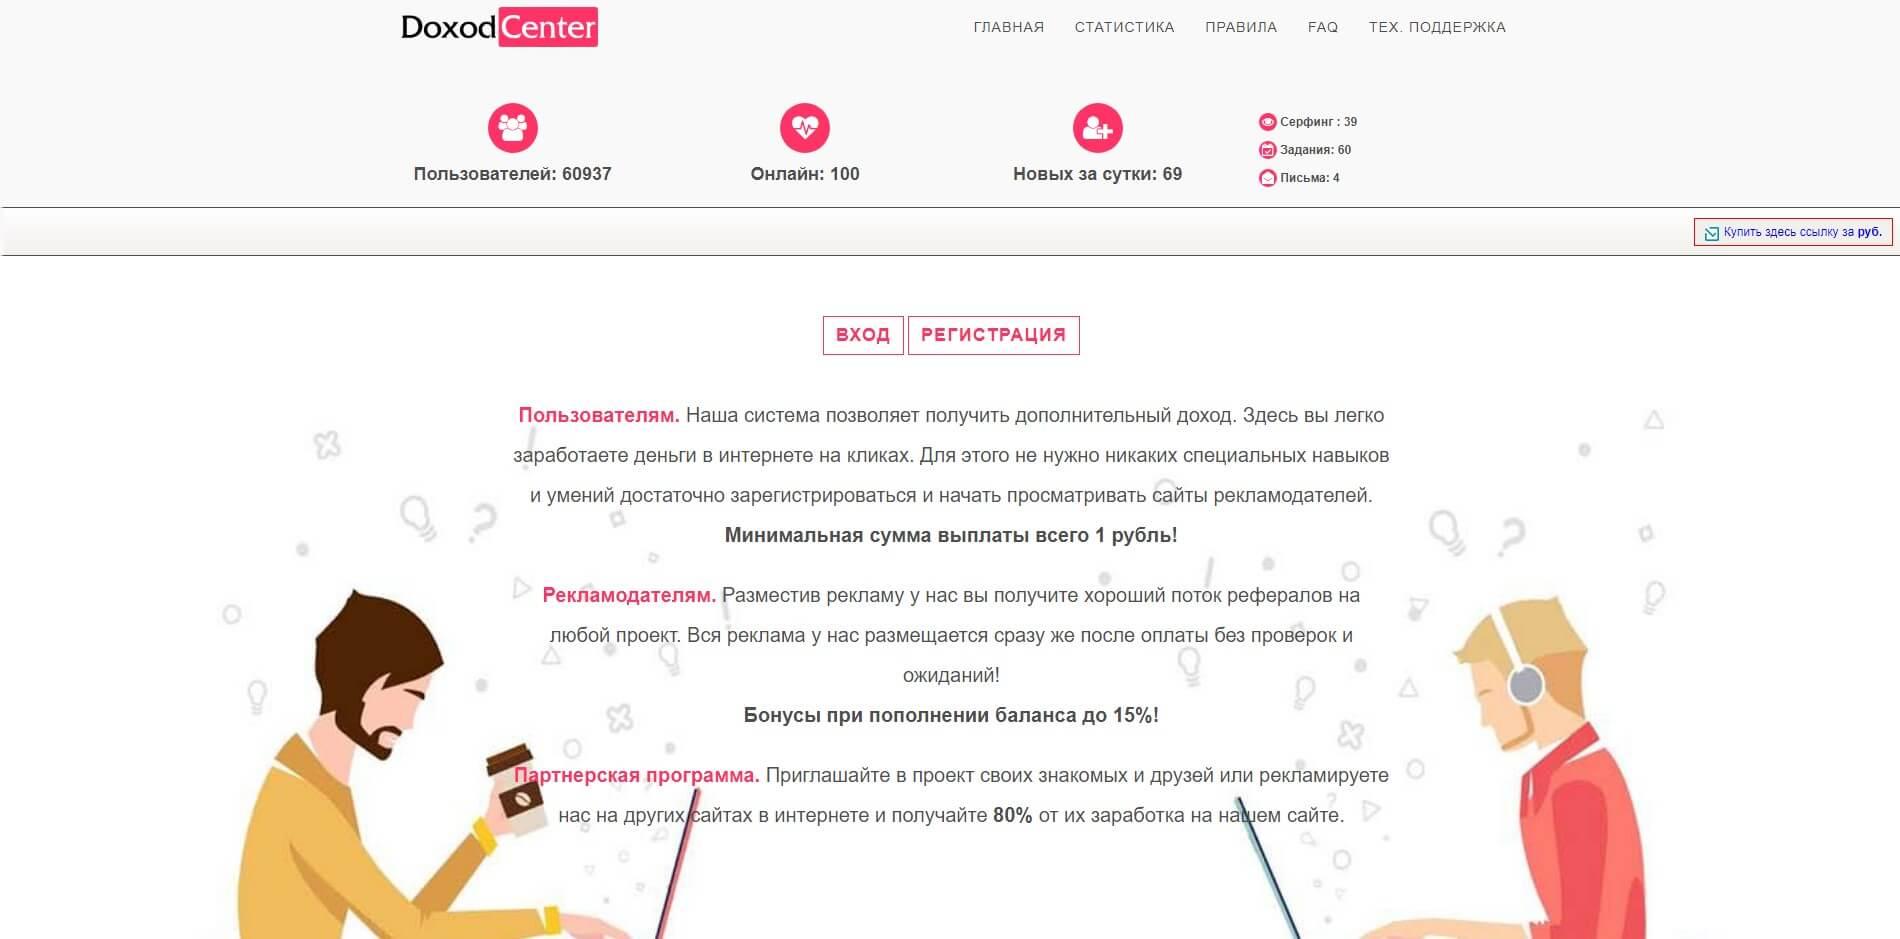 sajt-doxodcenter-ru-glavnaya-stranicza